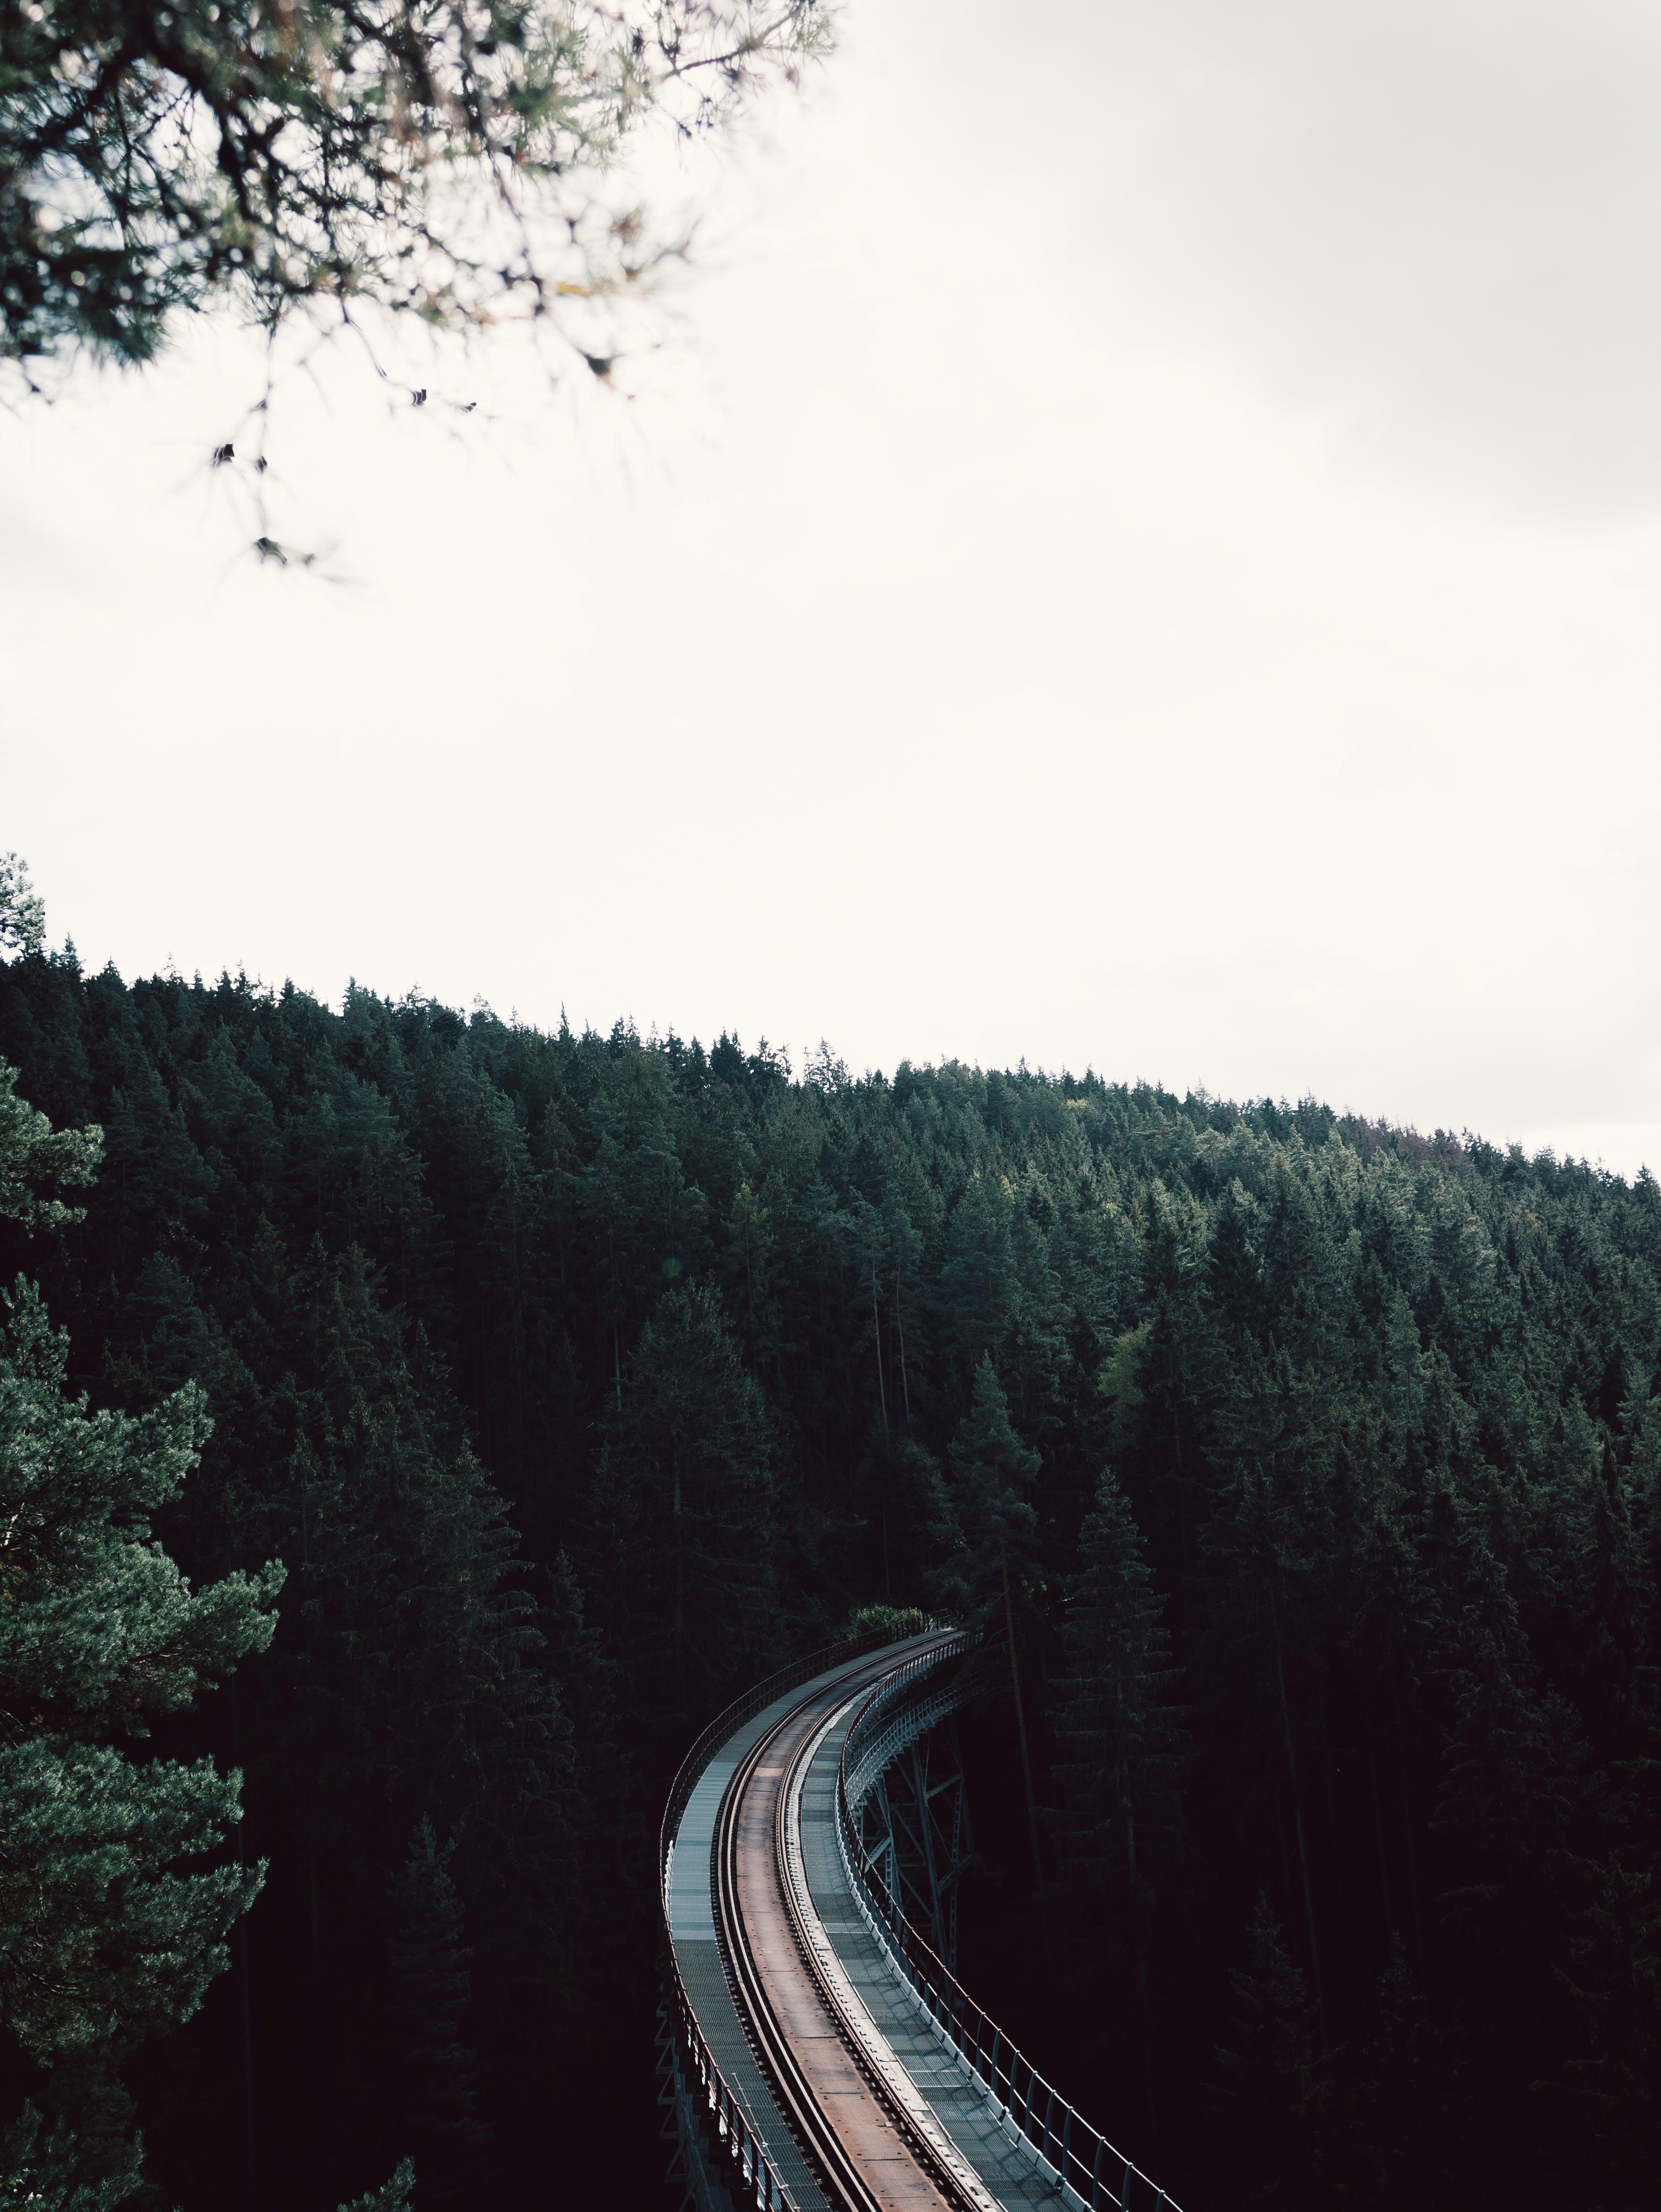 Kostenloses Stock Foto zu bäume, brücke, eisenbahn, luftschuß